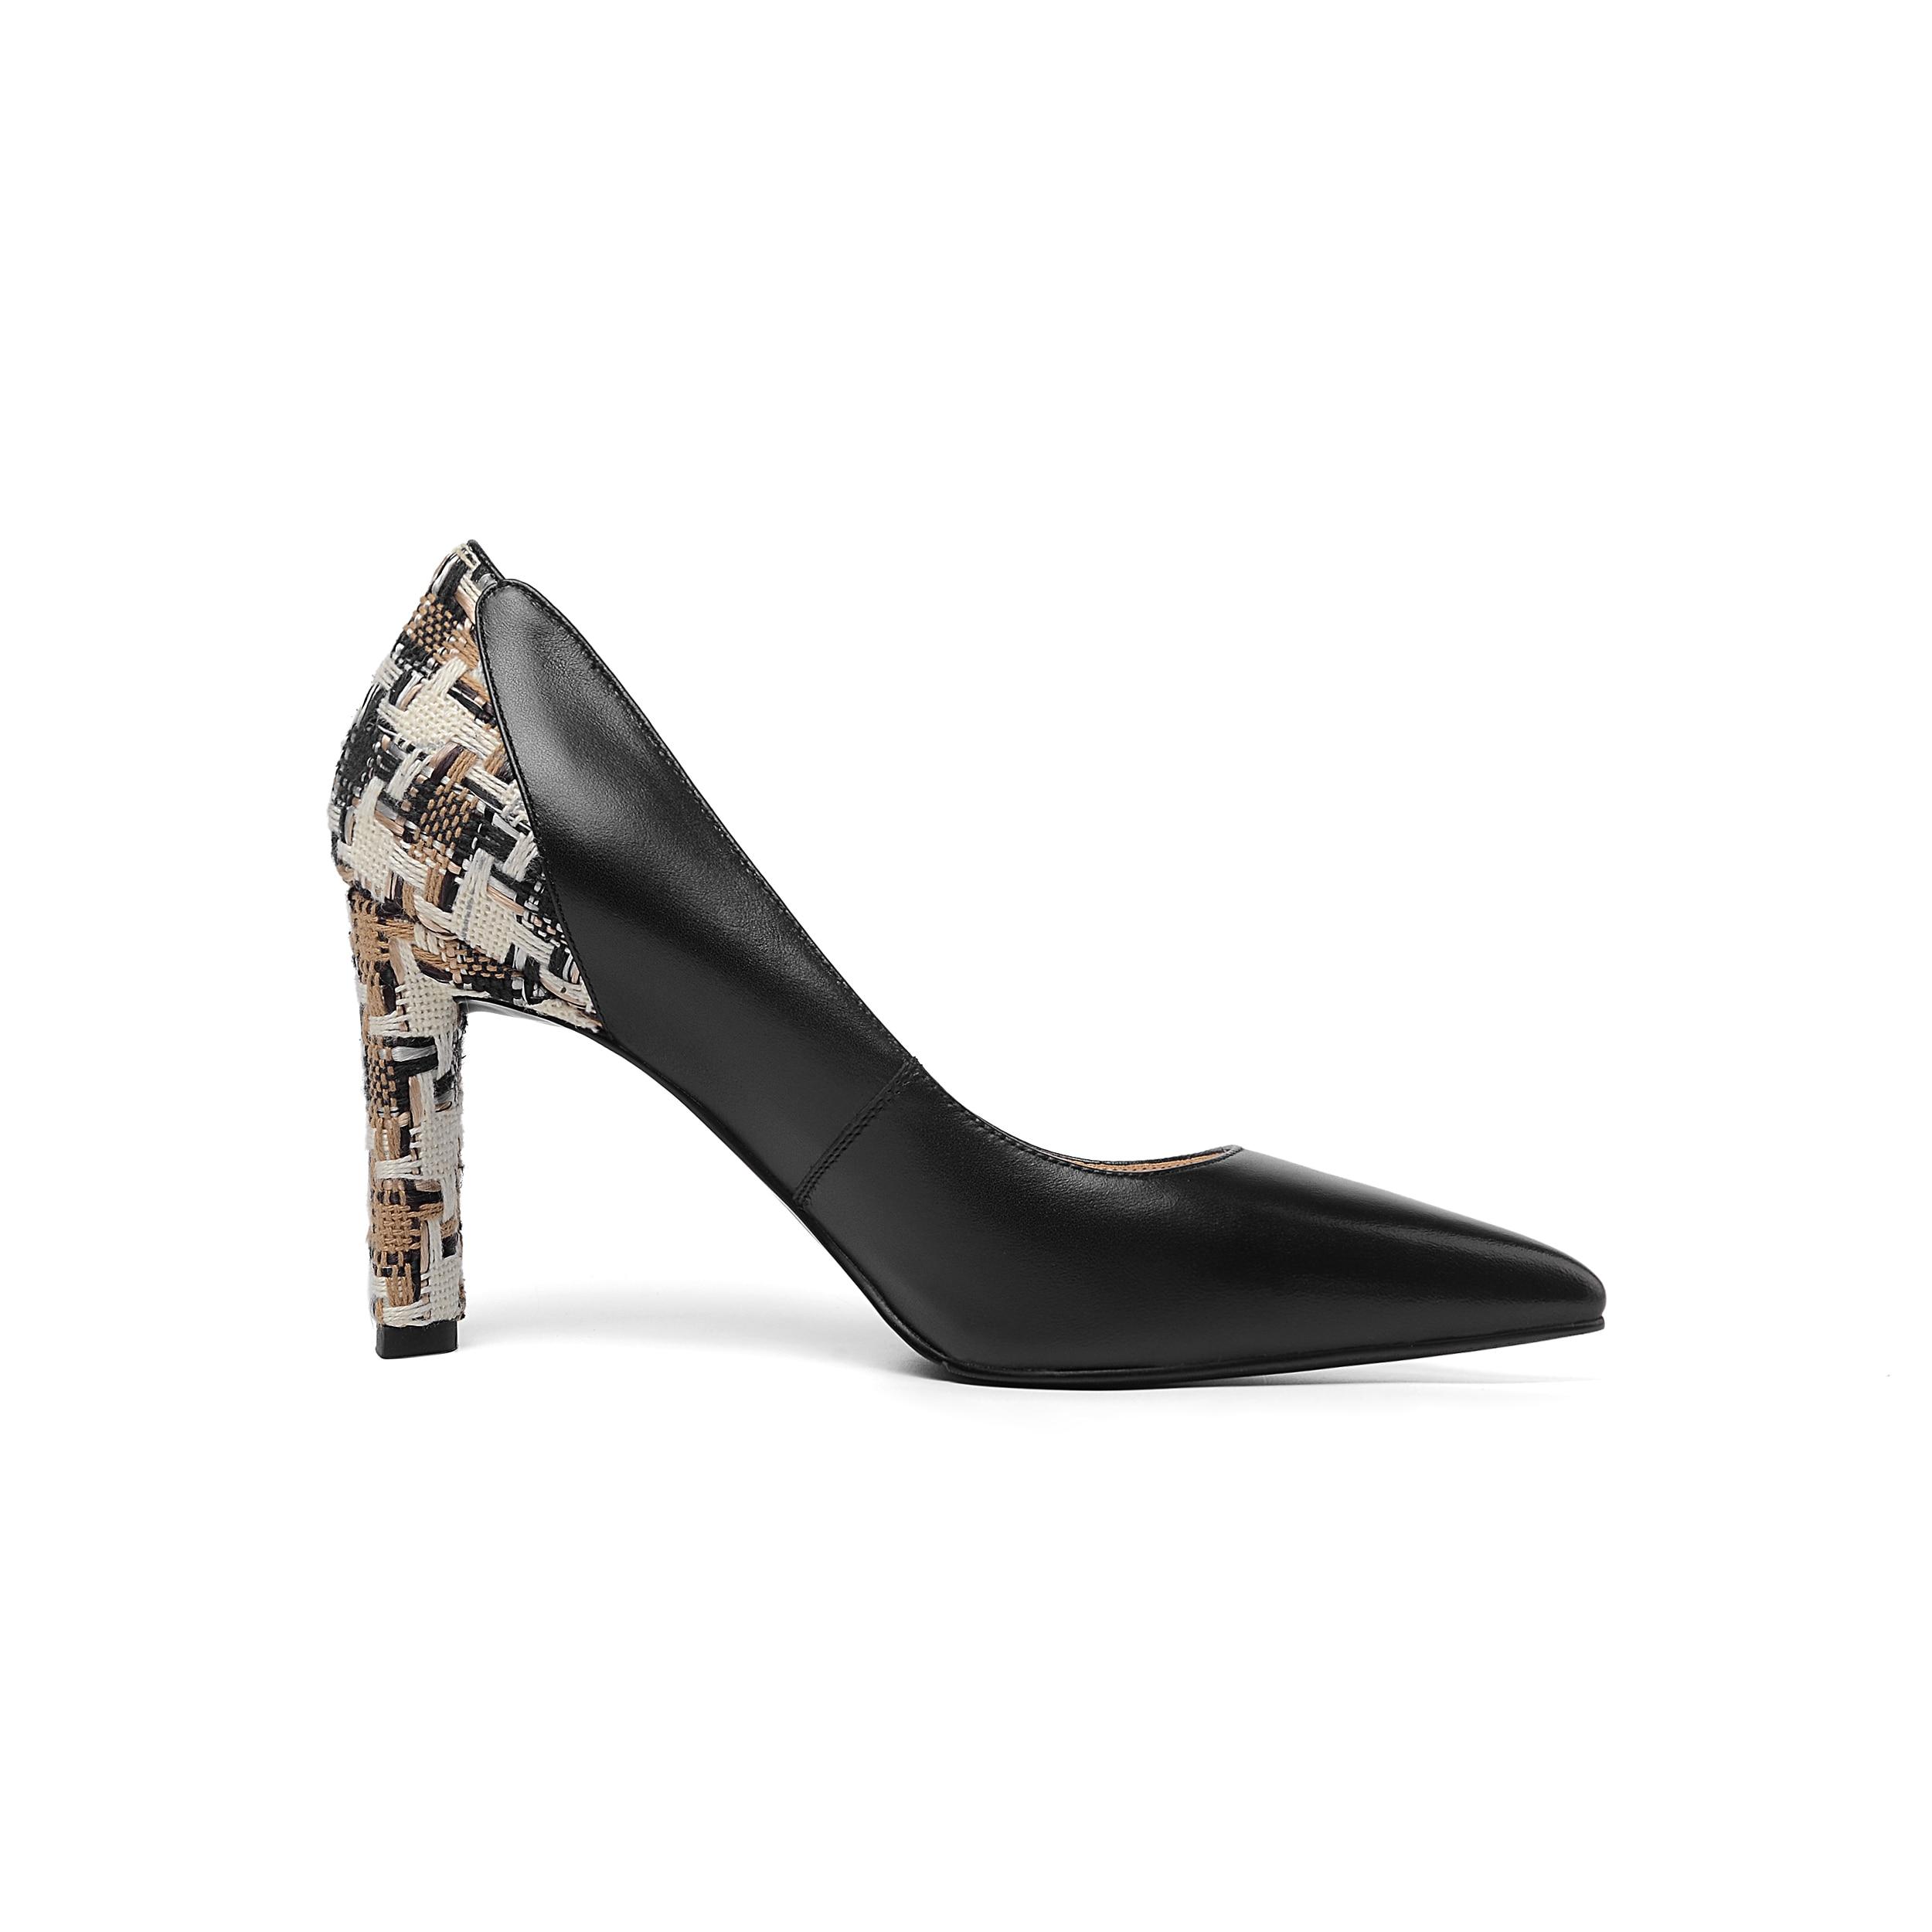 Oficina Zapatos Mujeres Sales Primavera Del Pie Gruesos 2019 Beige Tacones Dama Cuero negro Otoño Las De Pu Patente Genuino Dedo Puntiagudo Señoras UTqXBU